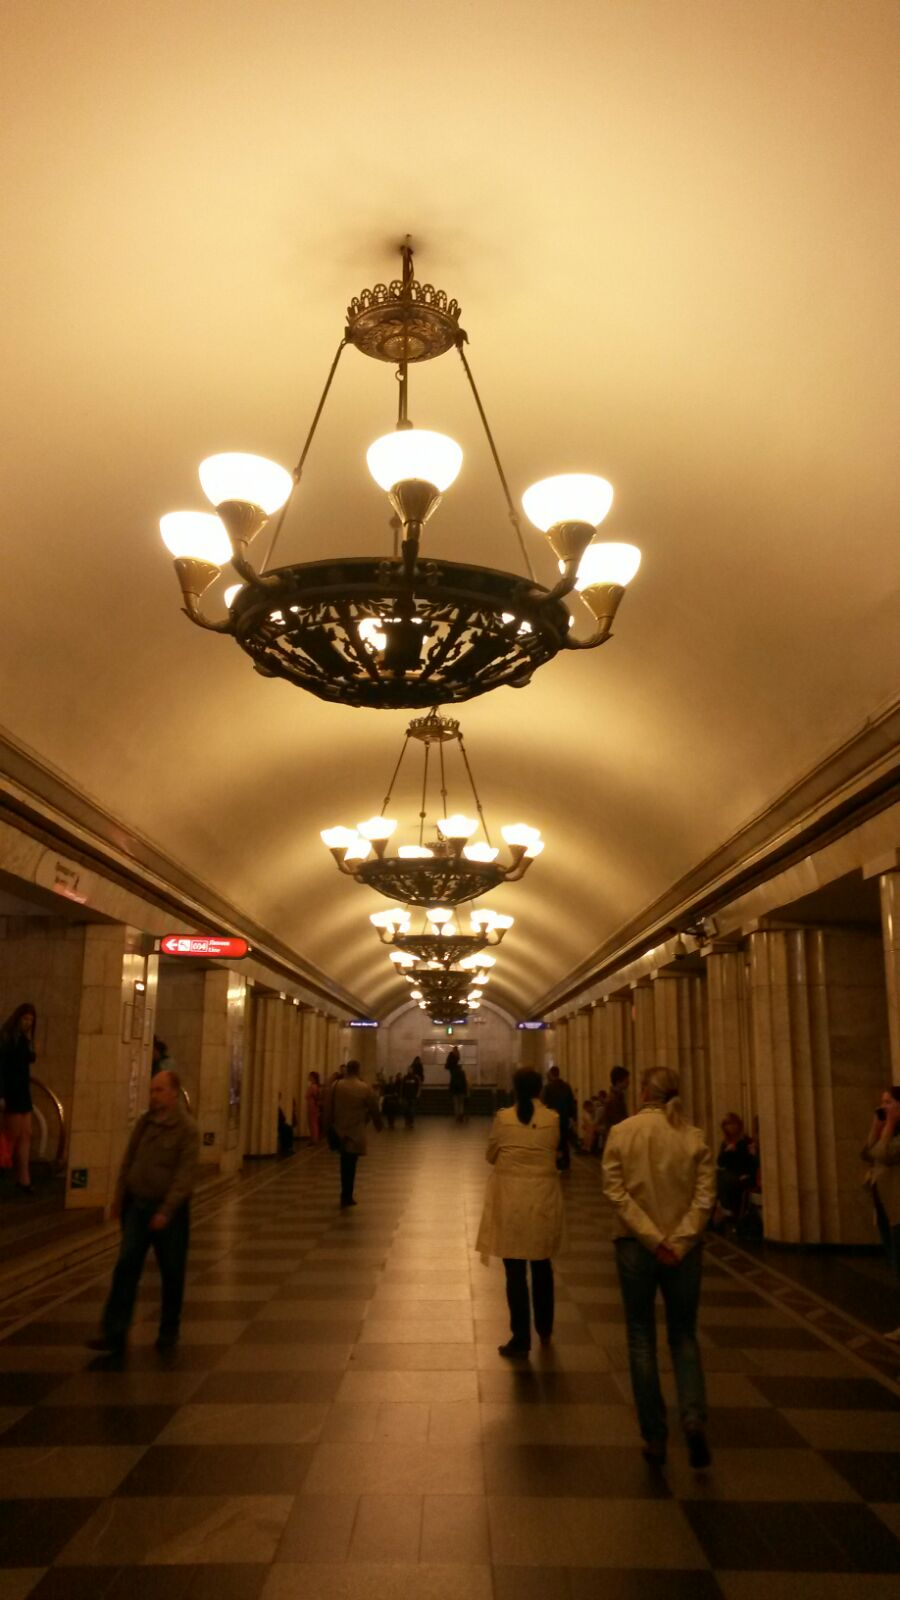 Unglaublich schöne Metrostationen in der prachtvollen russischen Stadt St. Petersburg